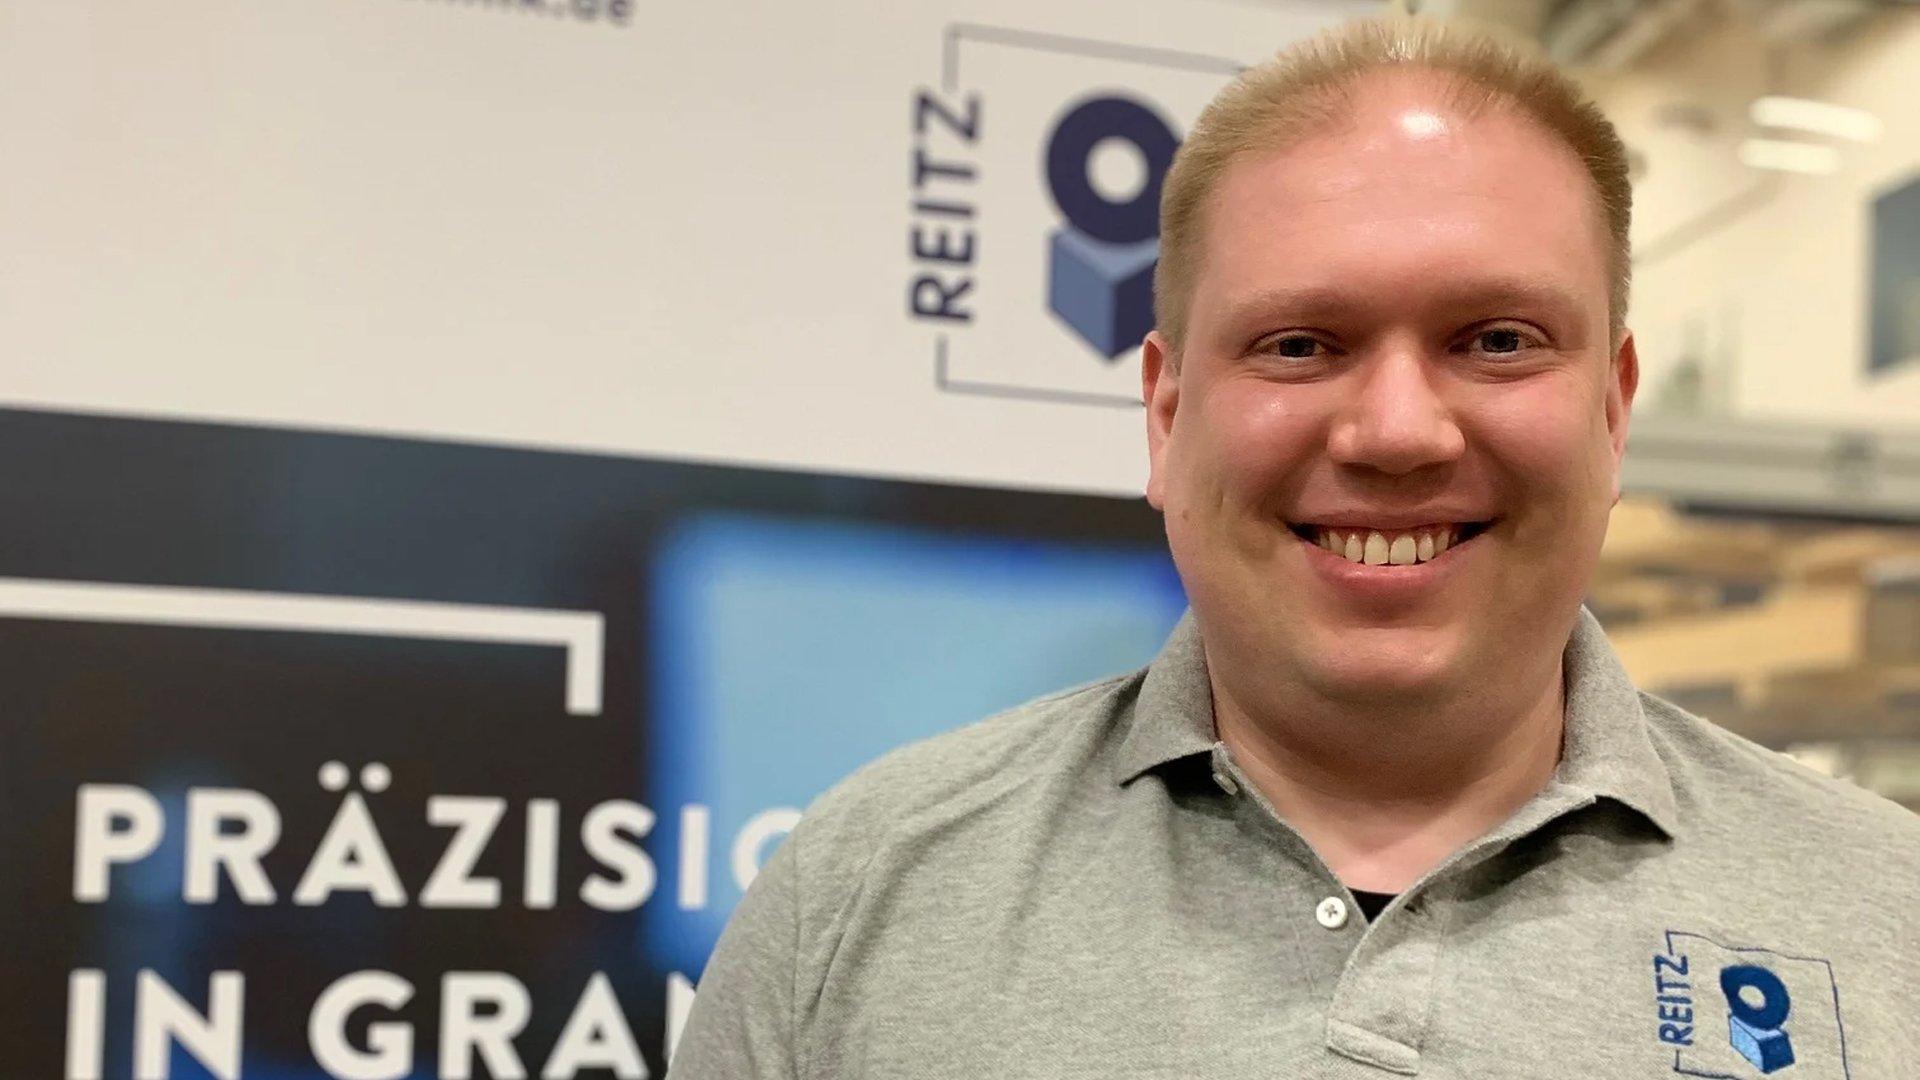 Reitz_Georg_Stuckert-1